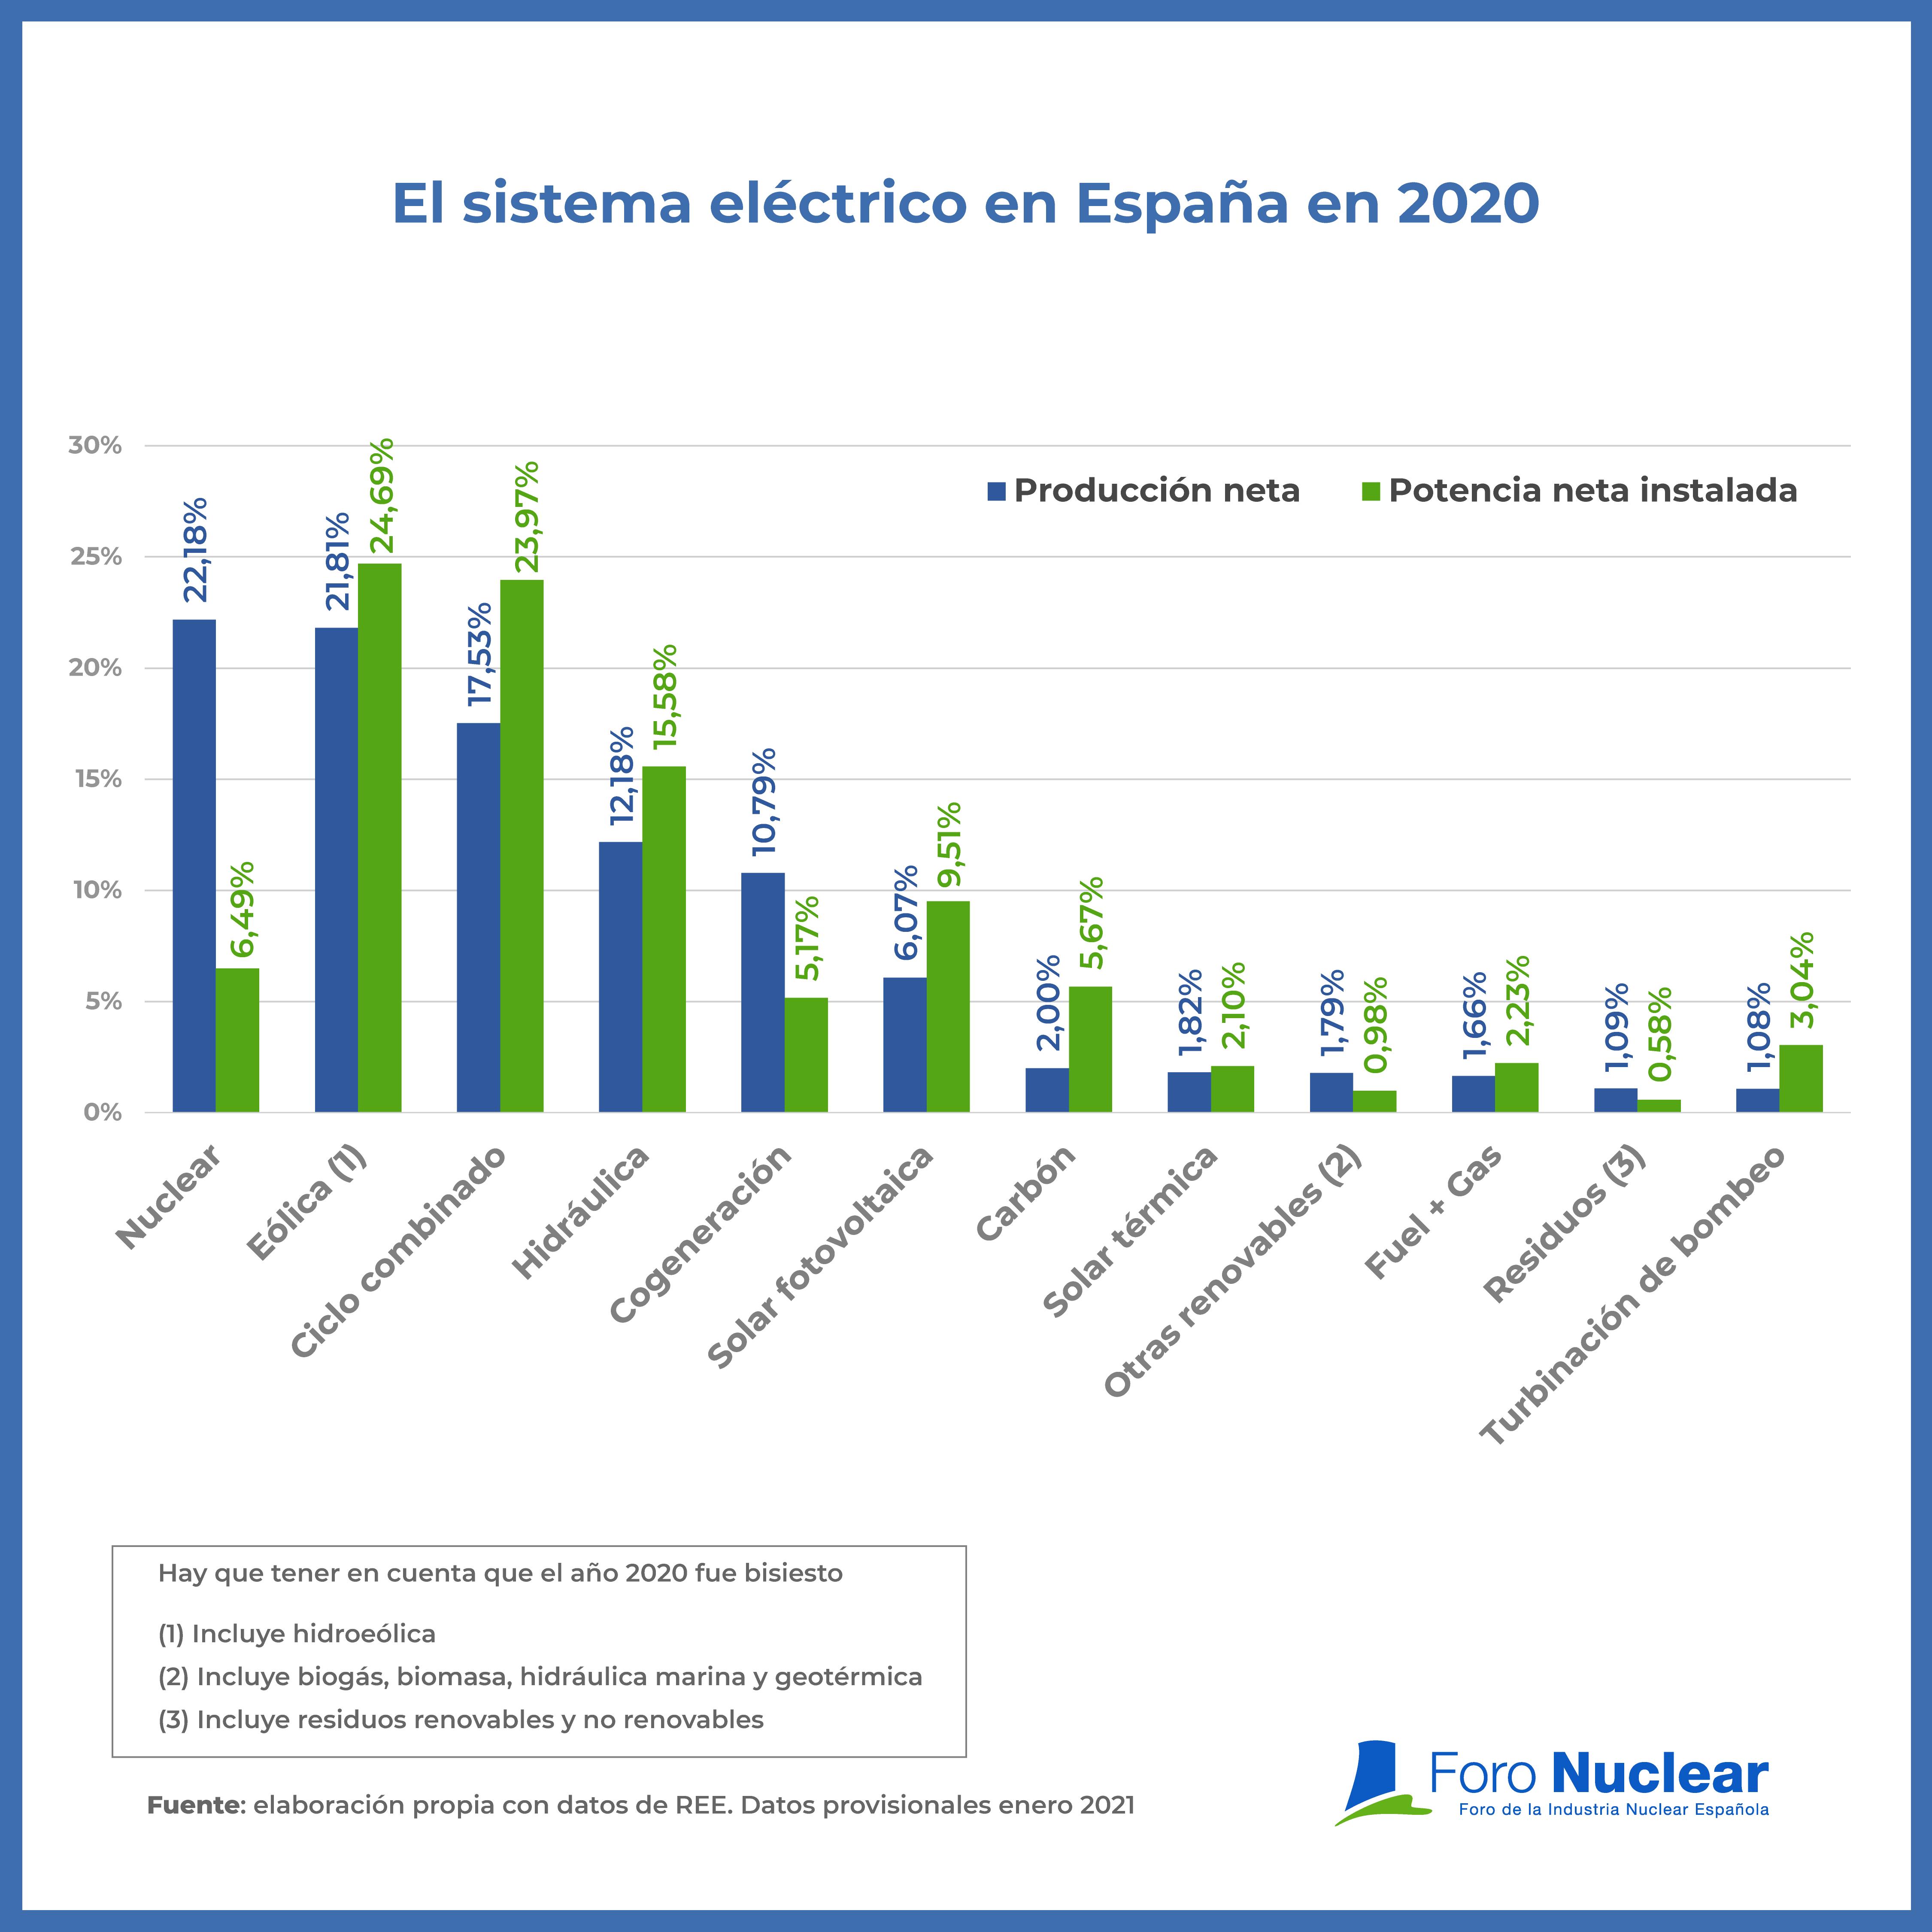 Producción eléctrica por fuentes en 2020. Nuclear, líder